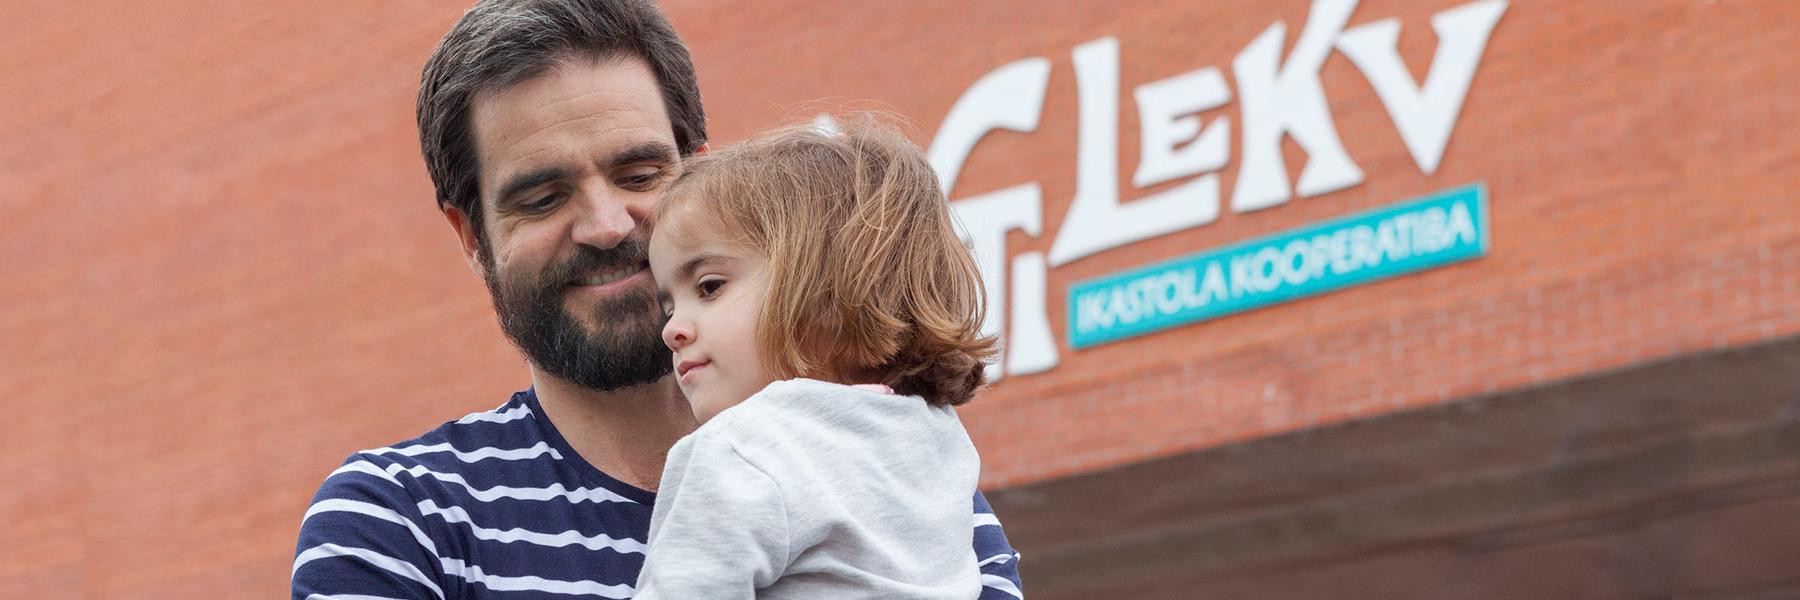 Ikastola cooperativa de familias referente en la Margen Izquierda